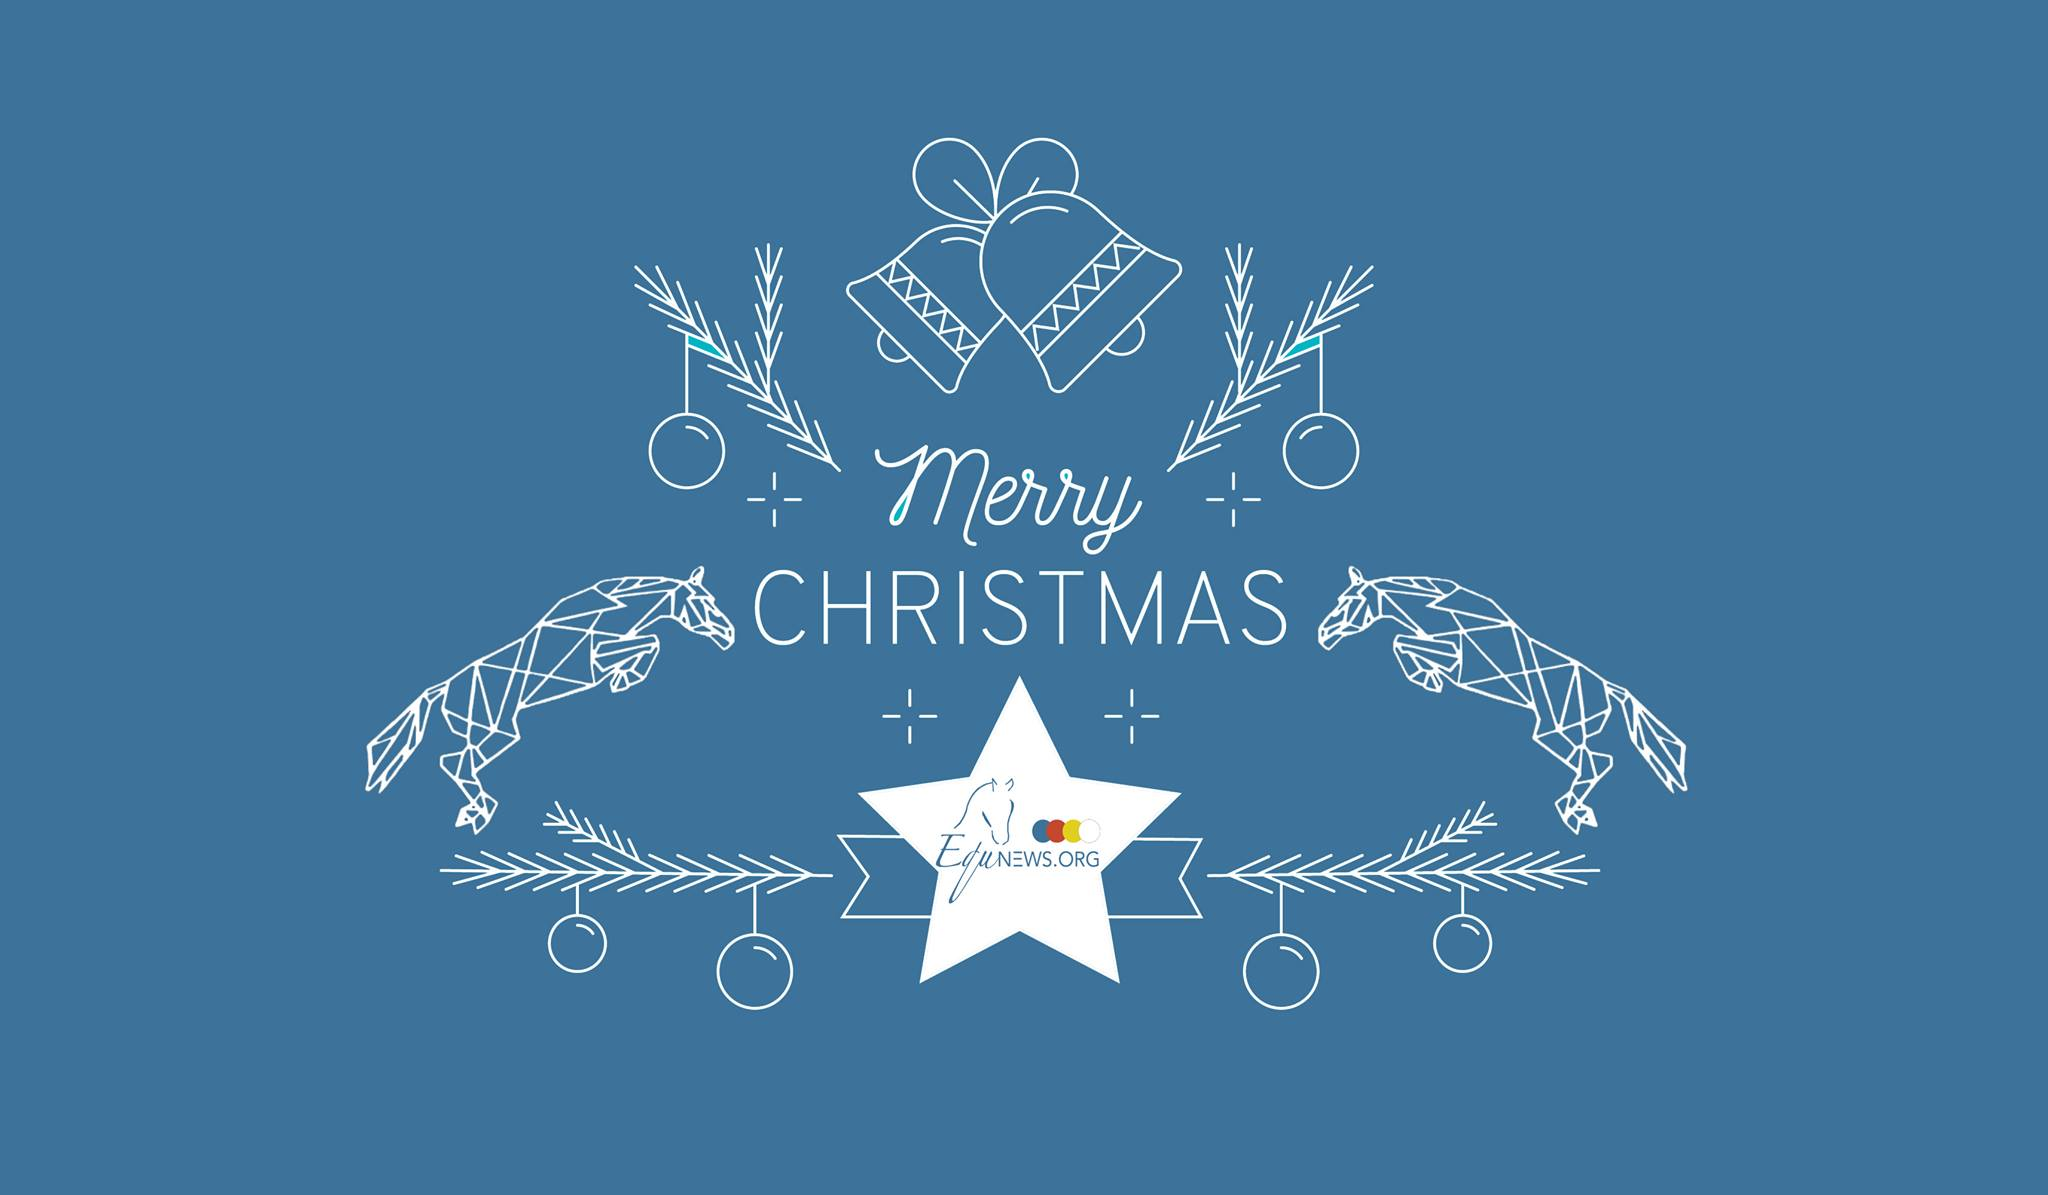 Equnews vous souhaite un joyeux Noël